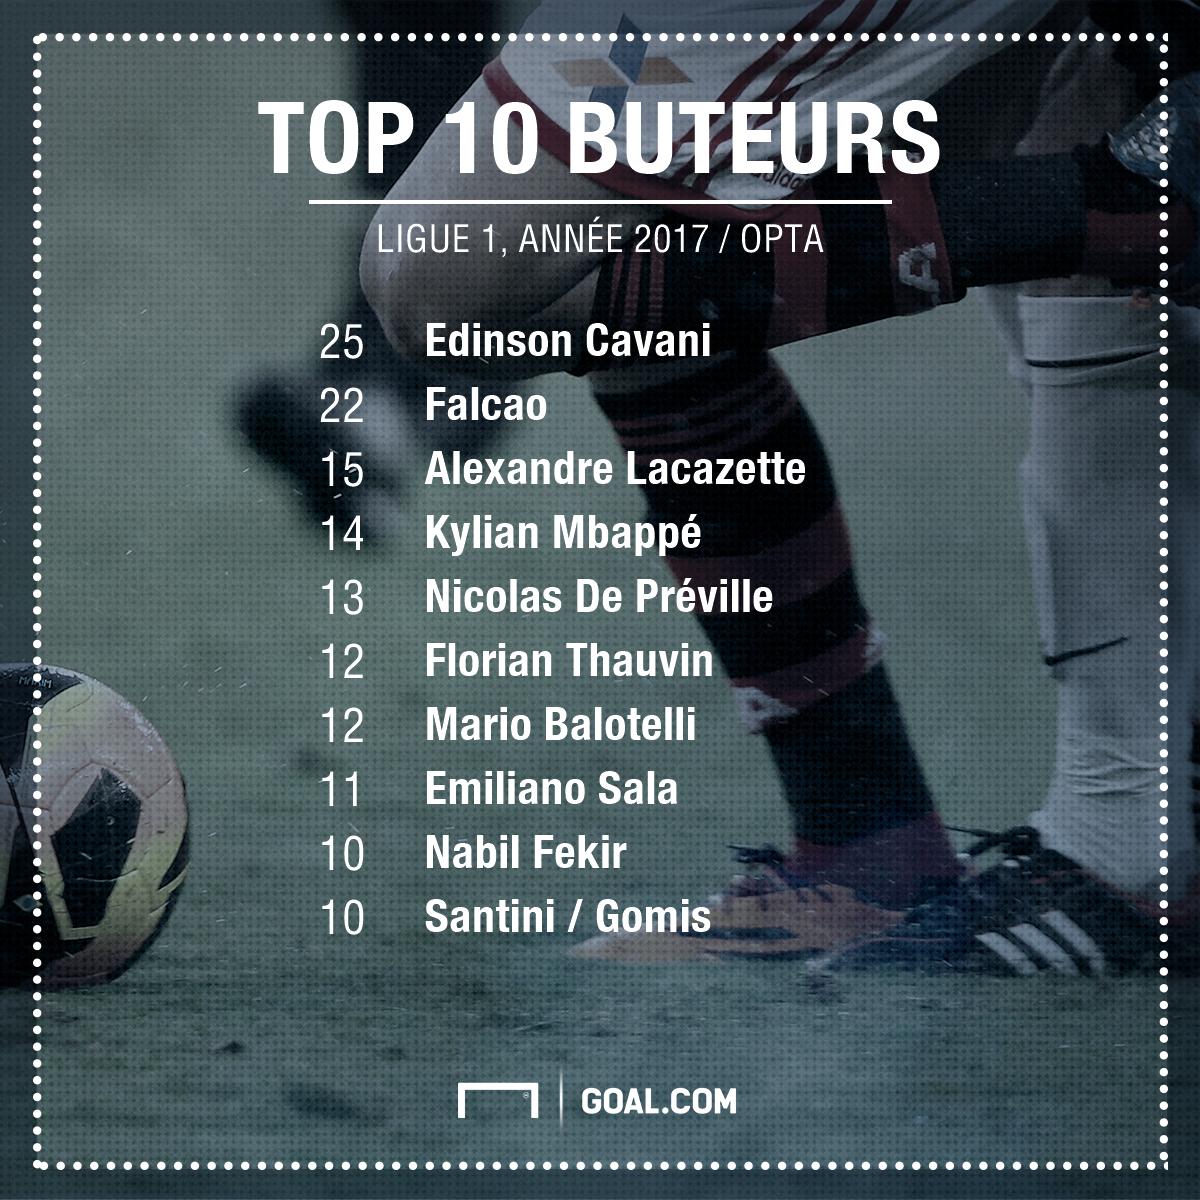 TOP 10 buteurs en Ligue 1 en 2017